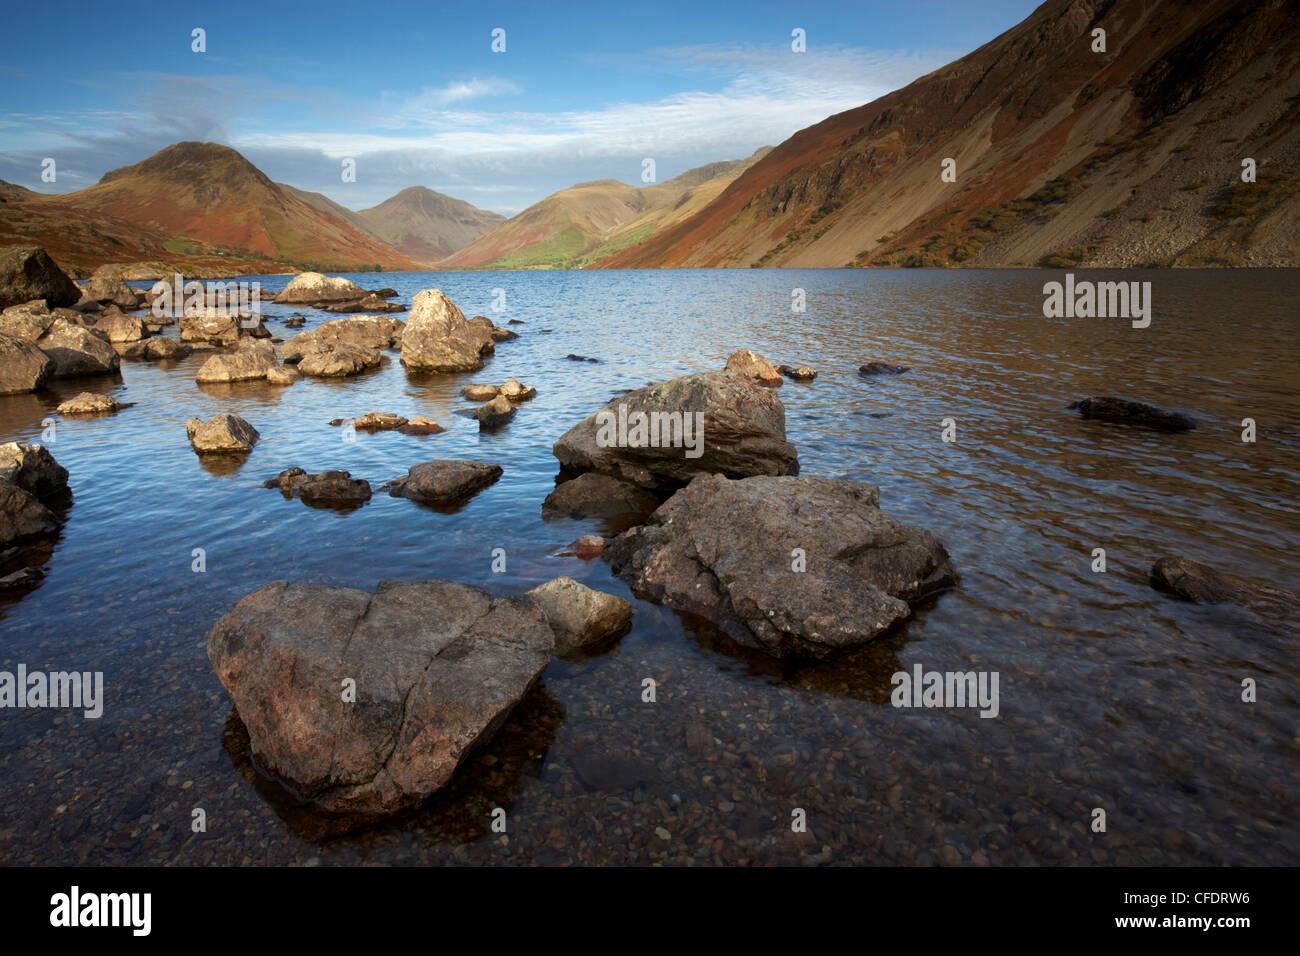 Una tarde de otoño en el agua residual en el Lake District National Park, Cumbria, Inglaterra, Reino Unido, Imagen De Stock